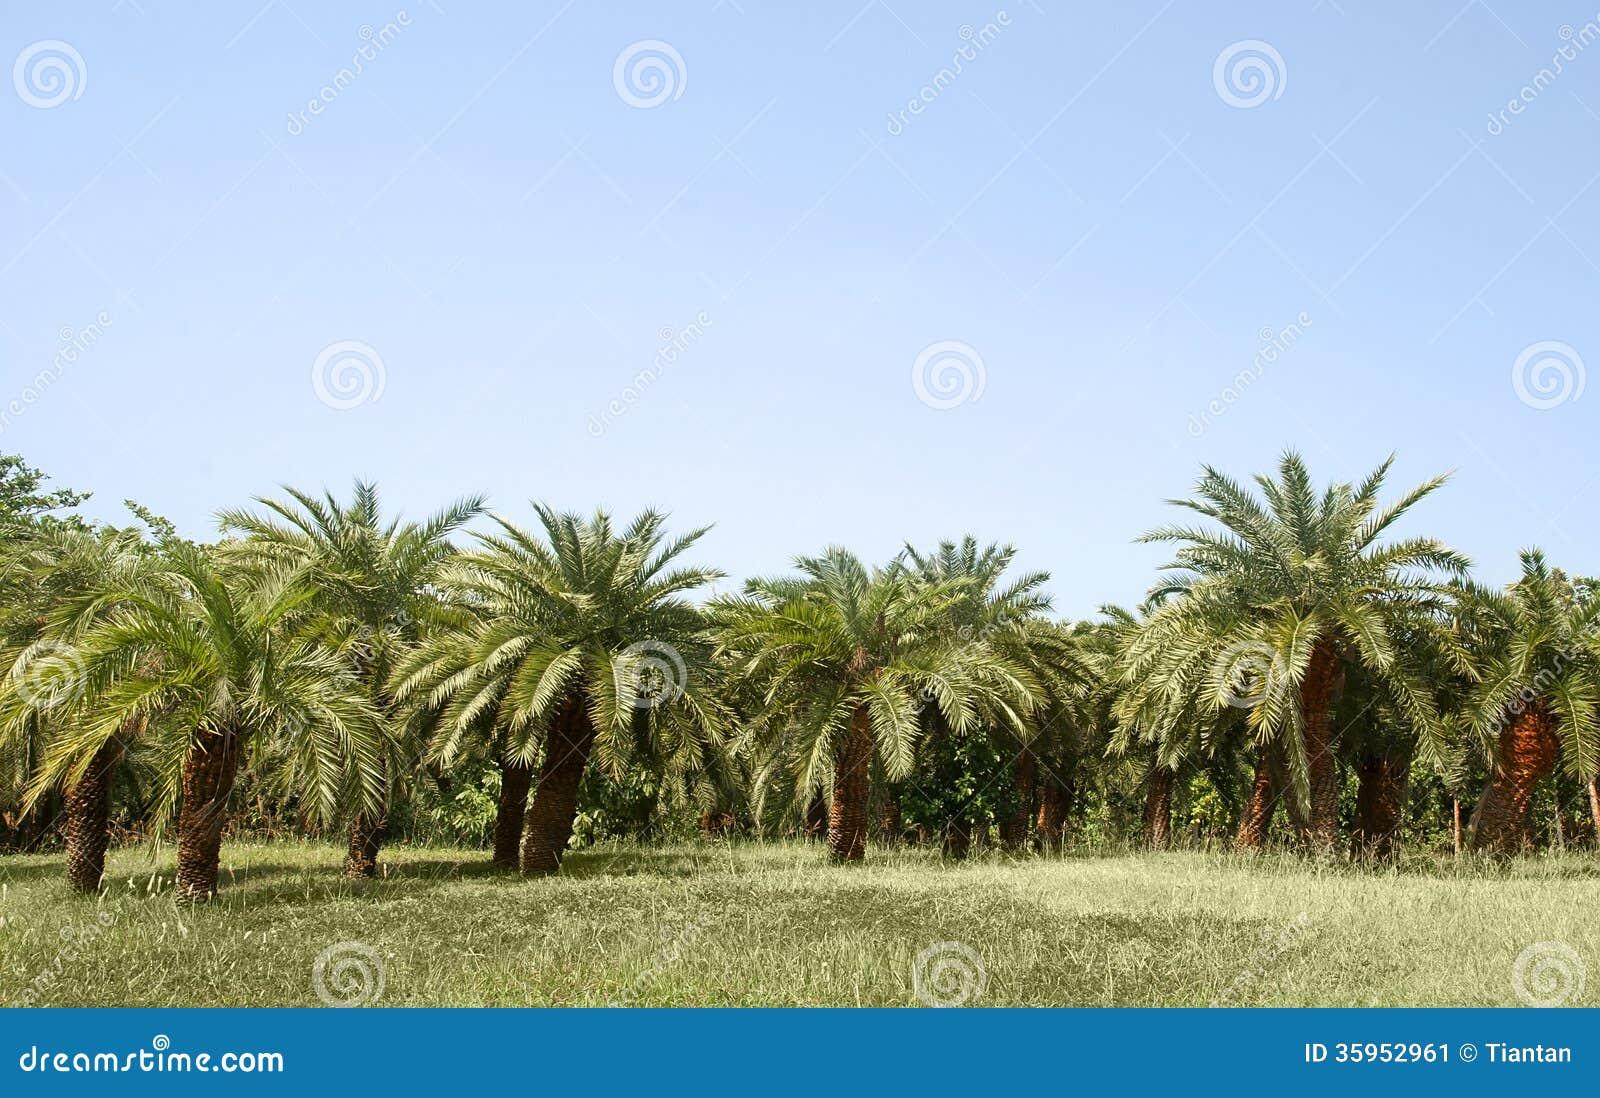 Arboleda de la palma